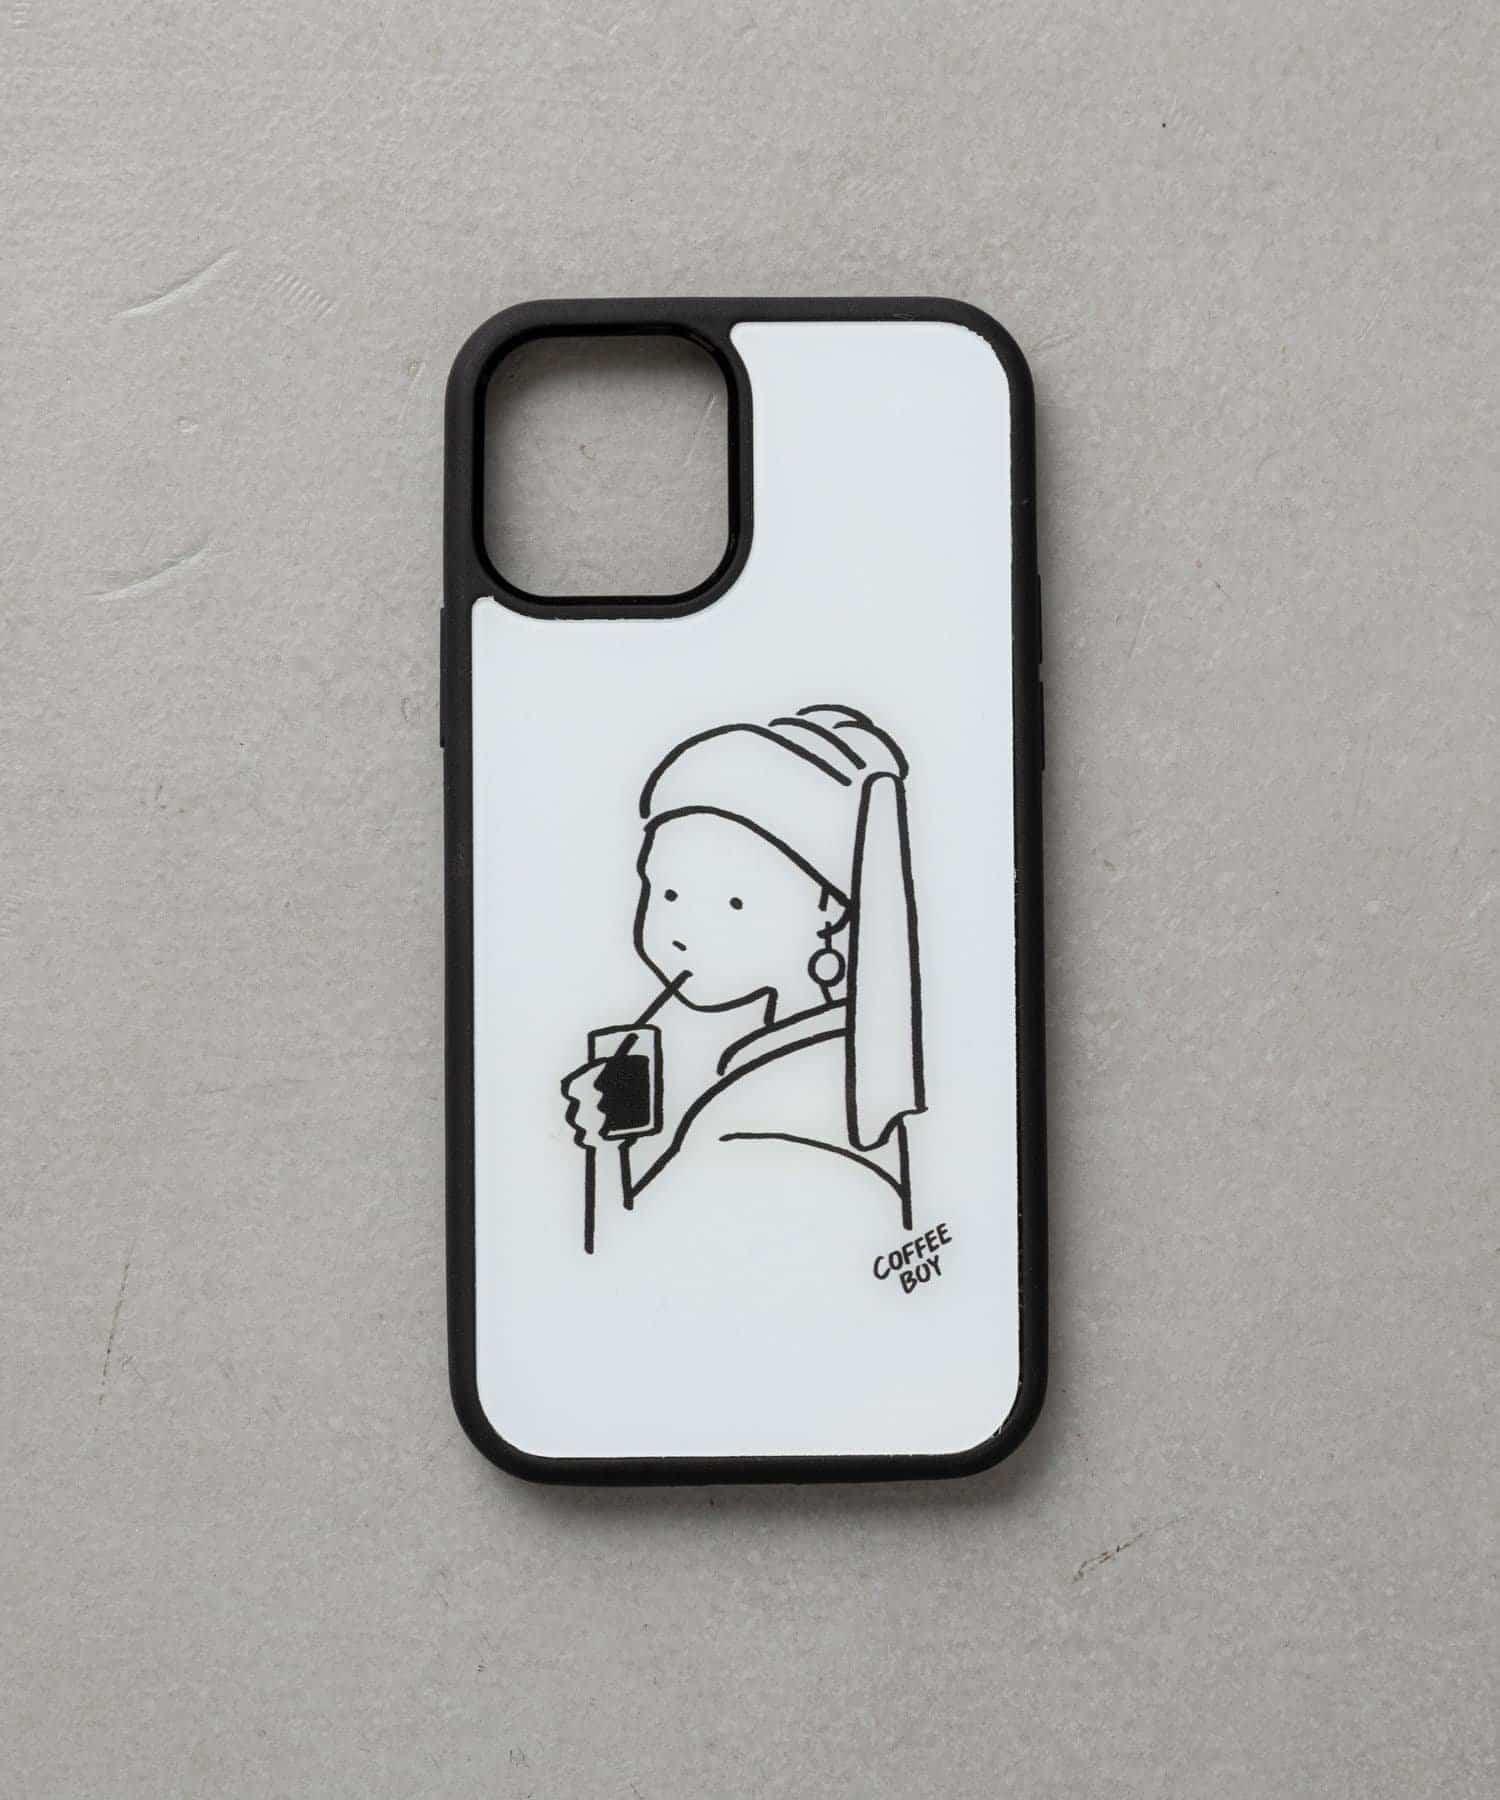 BIRTHDAY BAR(バースデイバー) レディース 【受注予約】COFFEE BOY iPhoneケース その他3